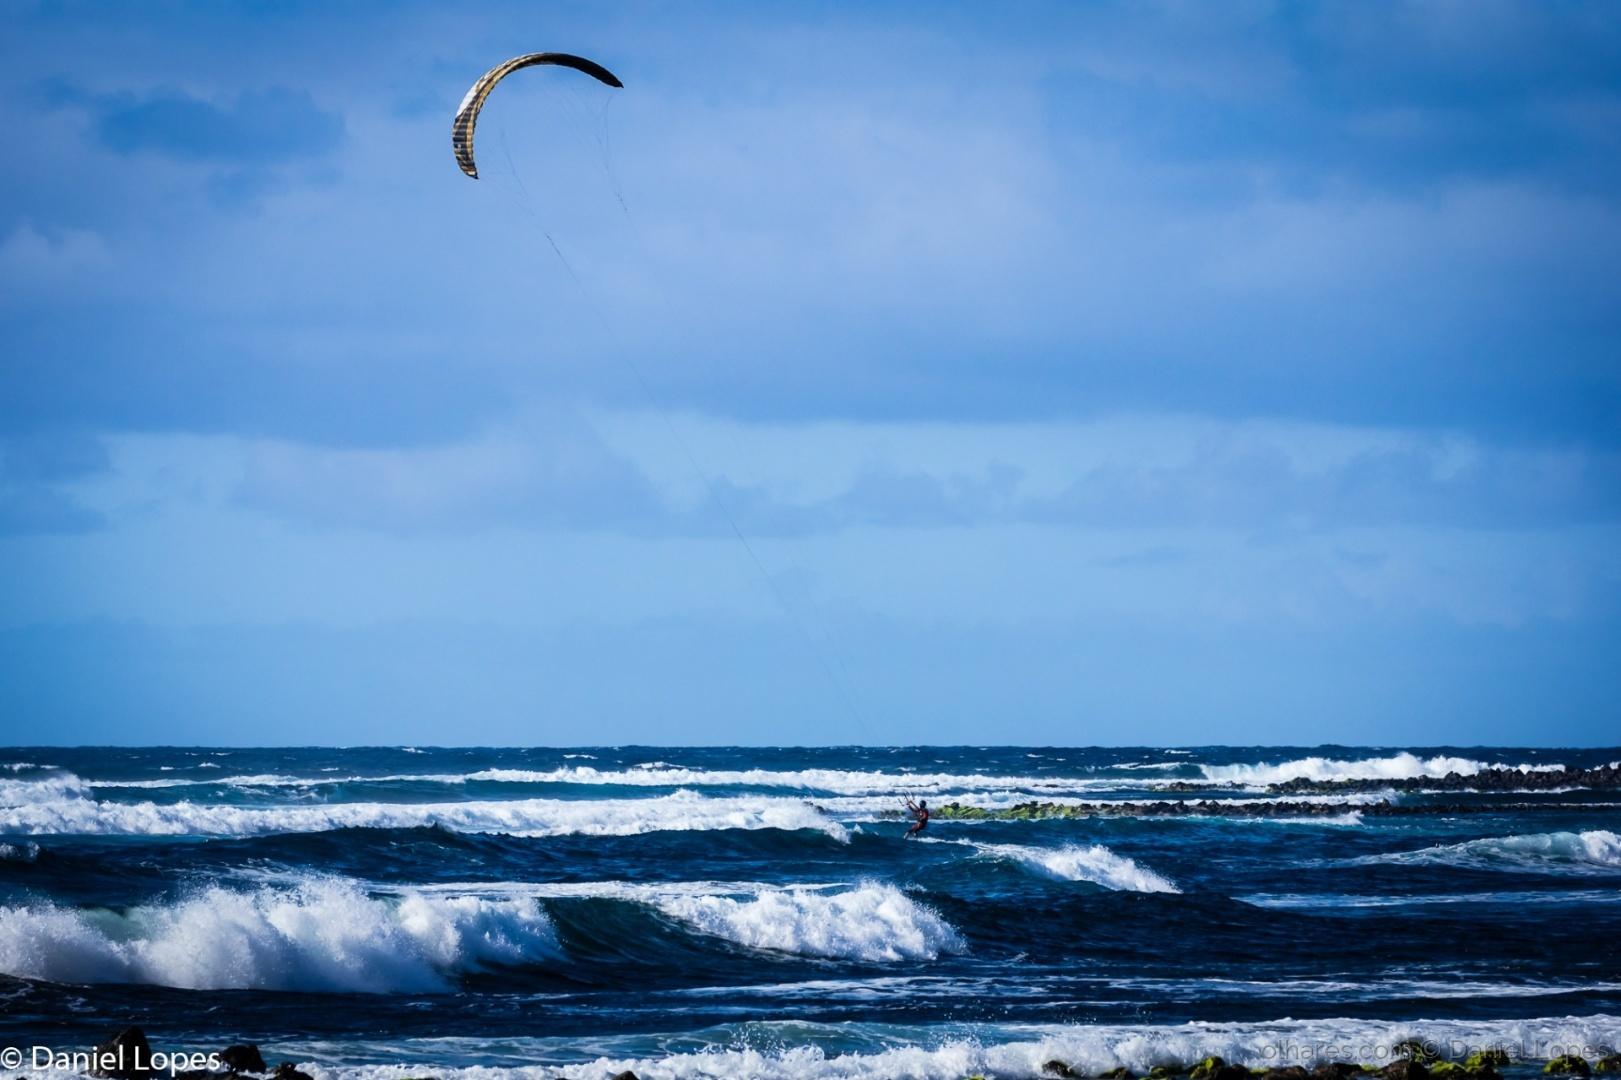 Desporto e Ação/Kitesurfing em Salamansa